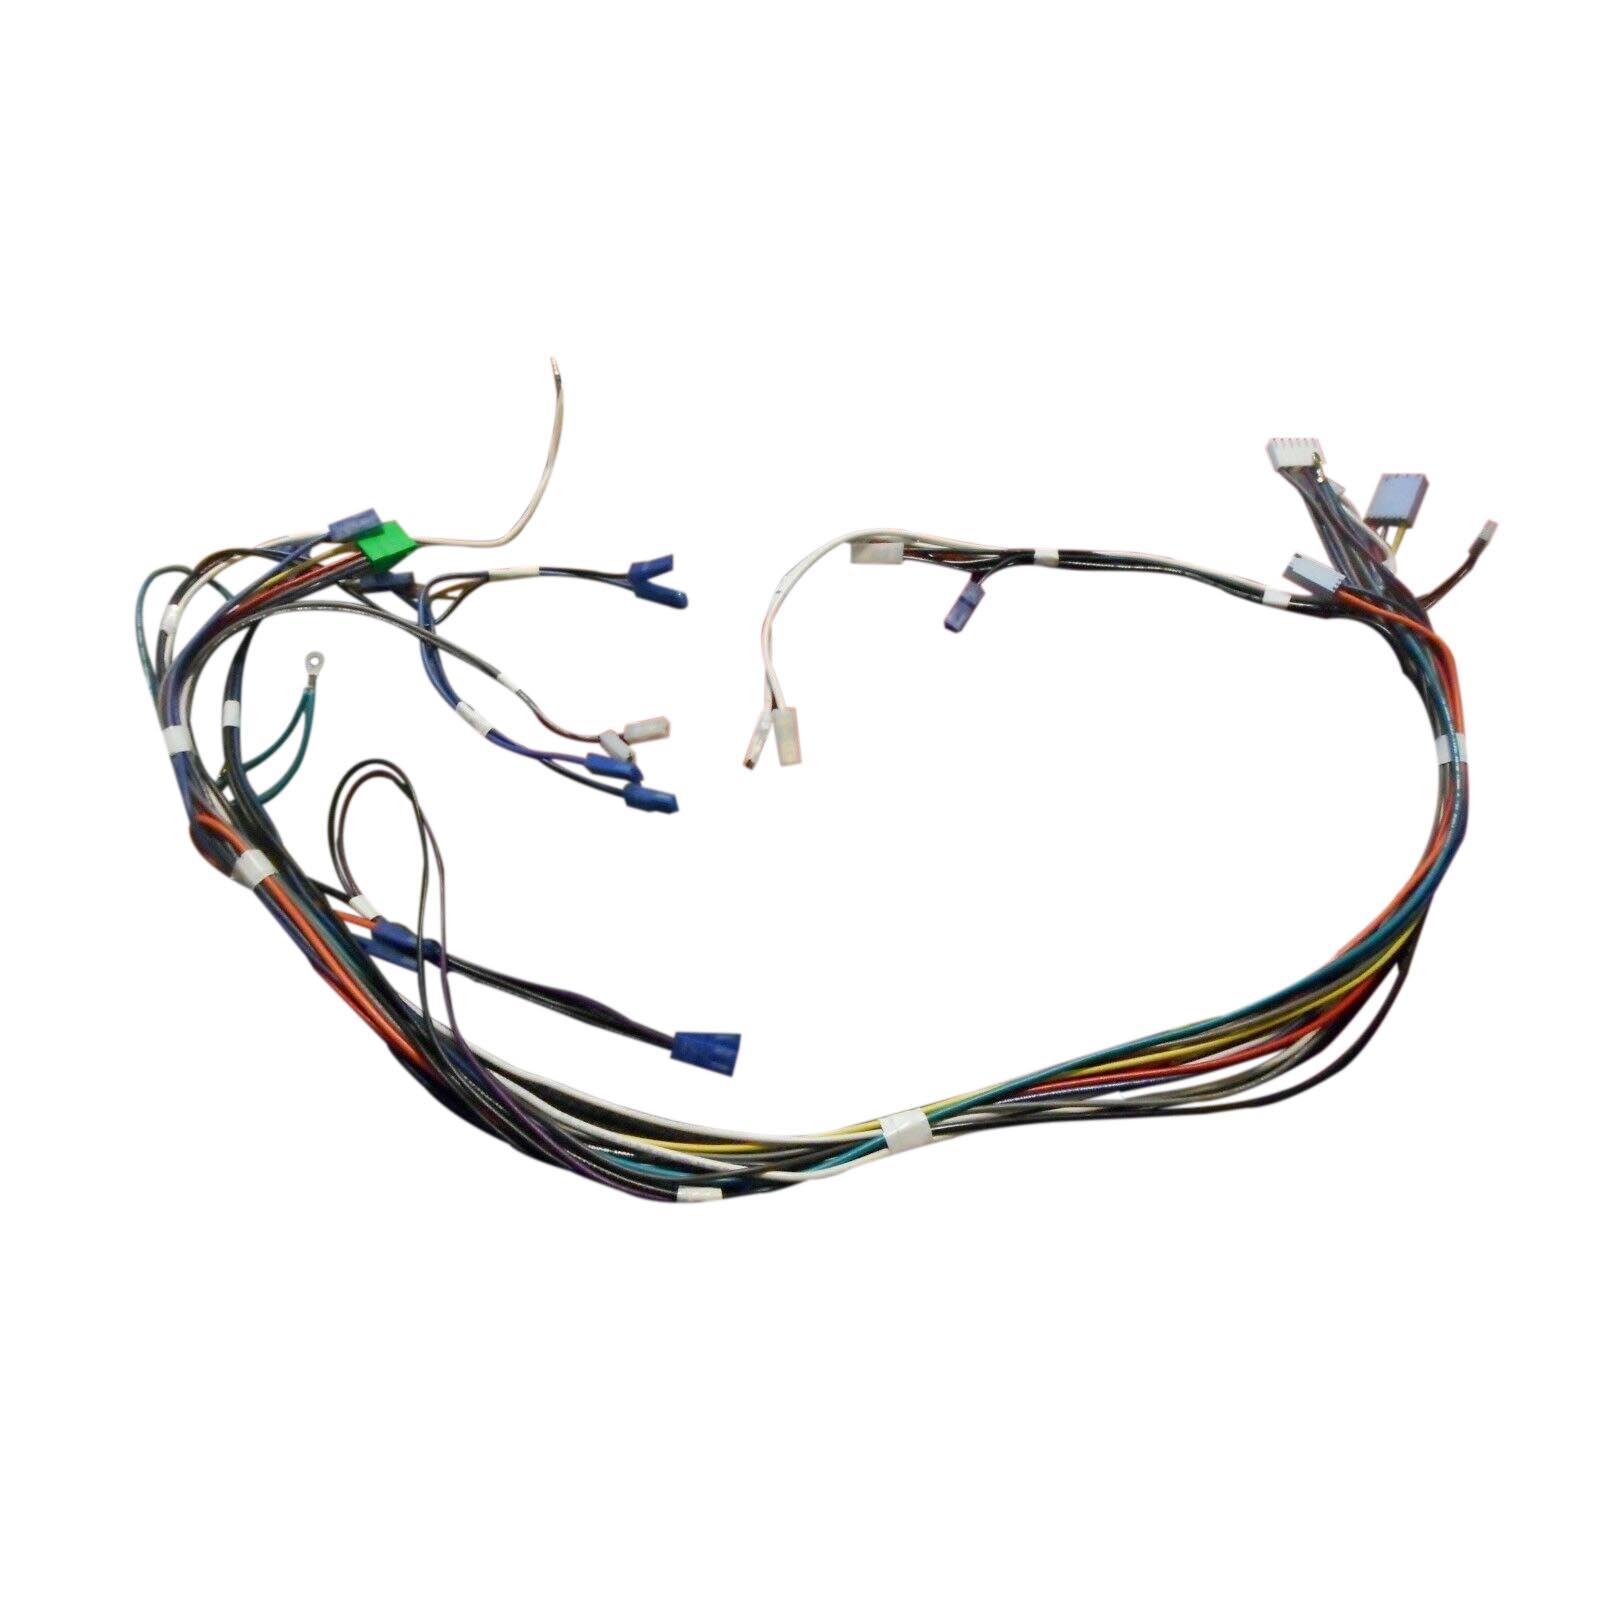 Jenn Air Jdb Awq Main Wire Harness